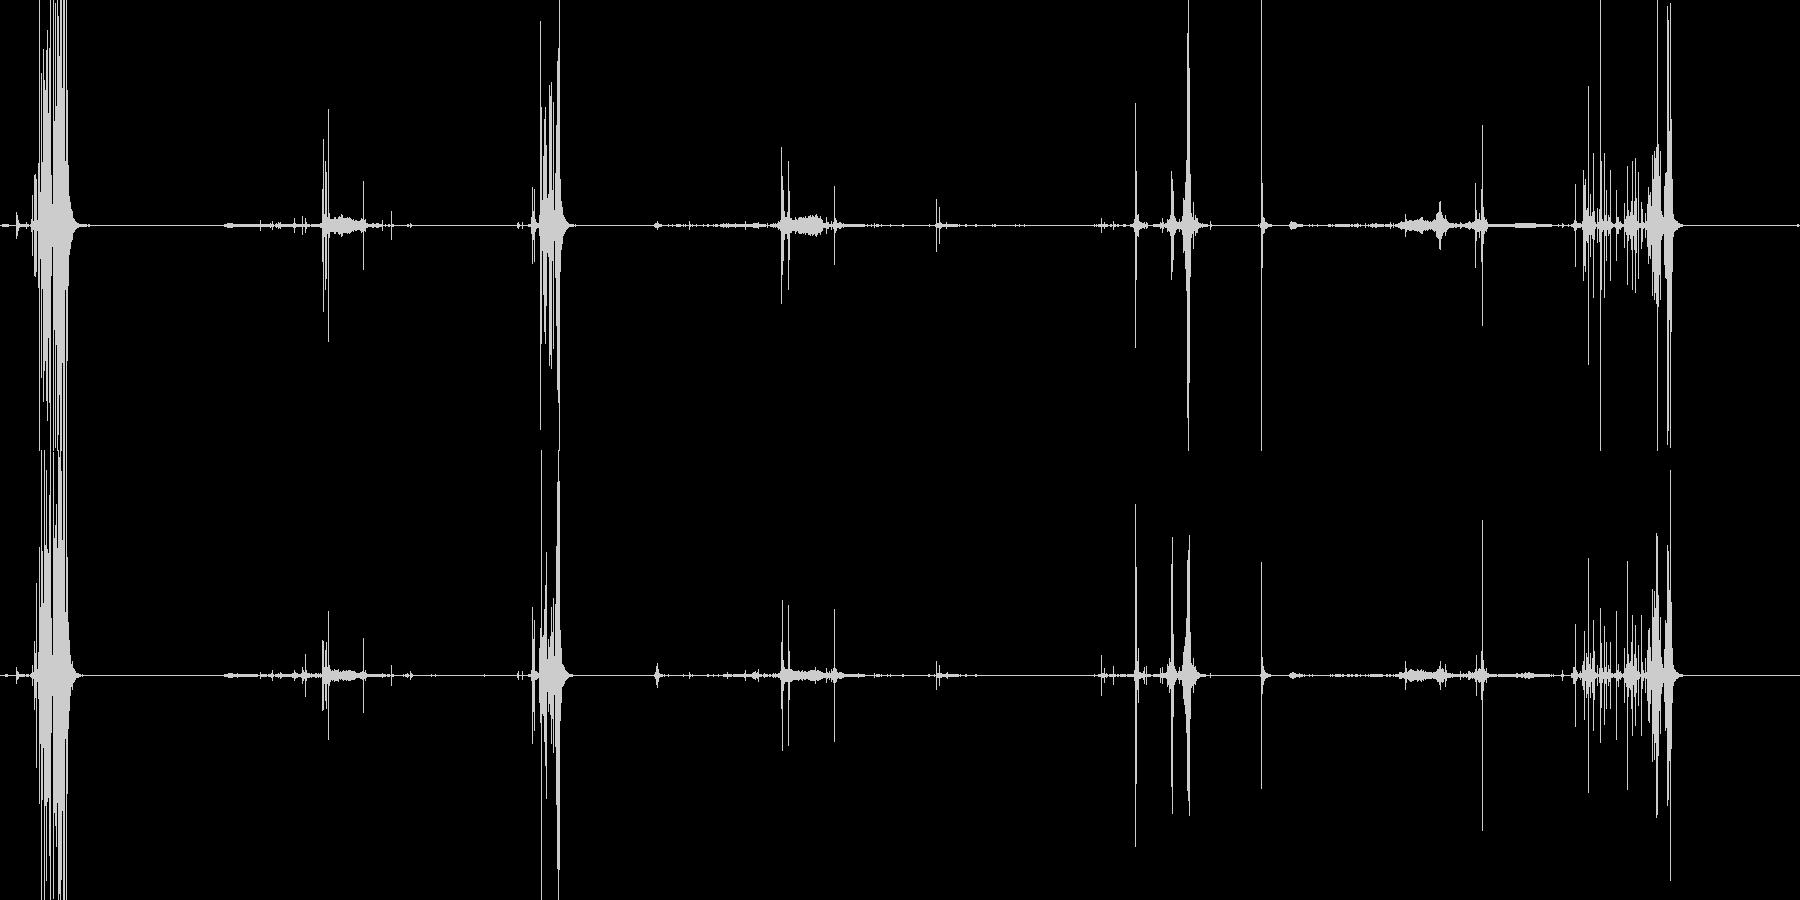 パリパリッと鳴らしている音の未再生の波形